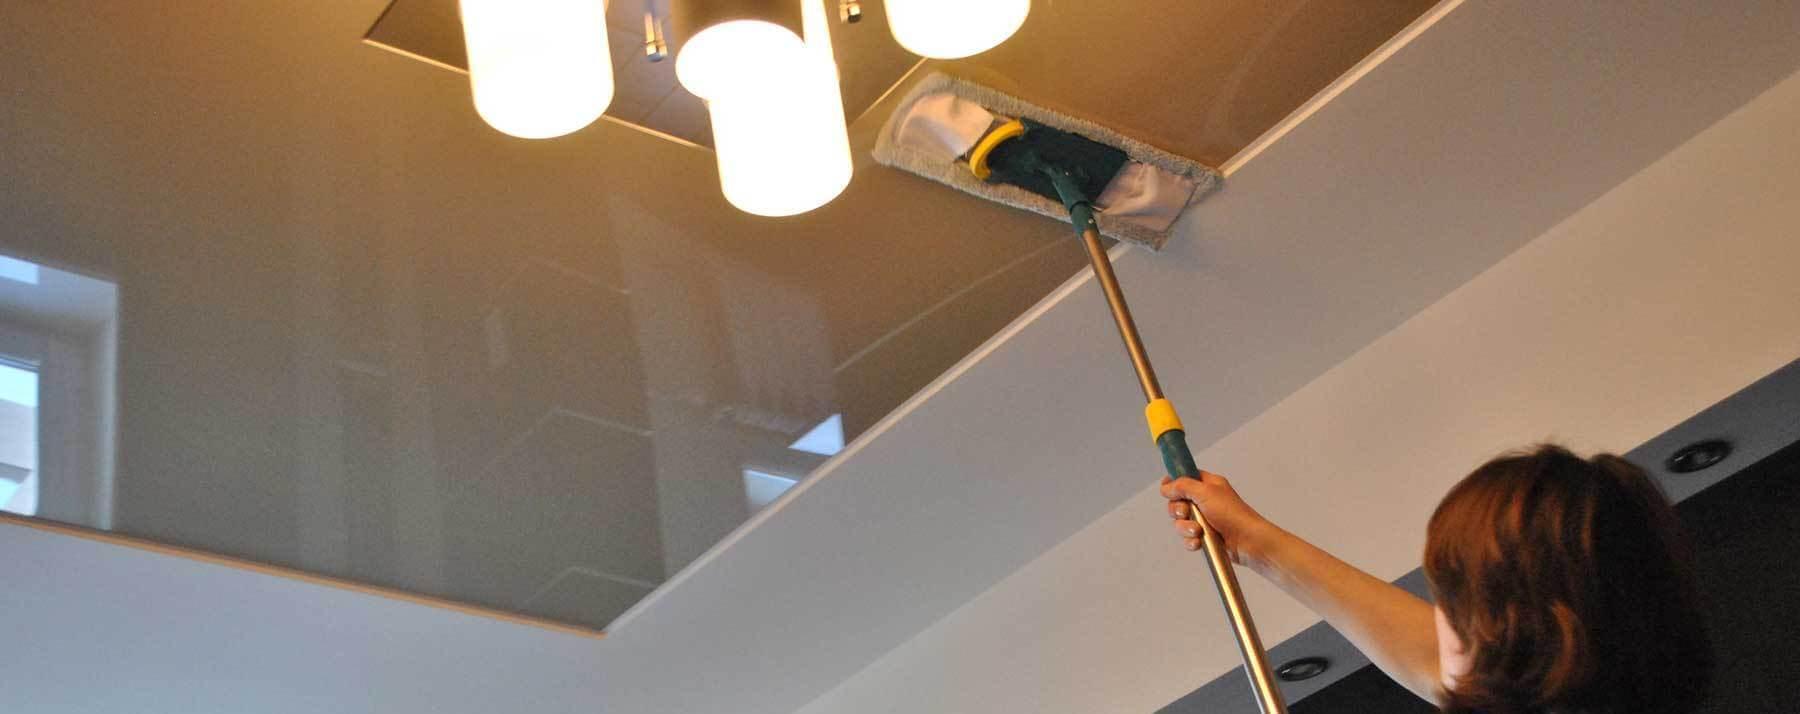 Глянцевые потолки в домашних условиях 766